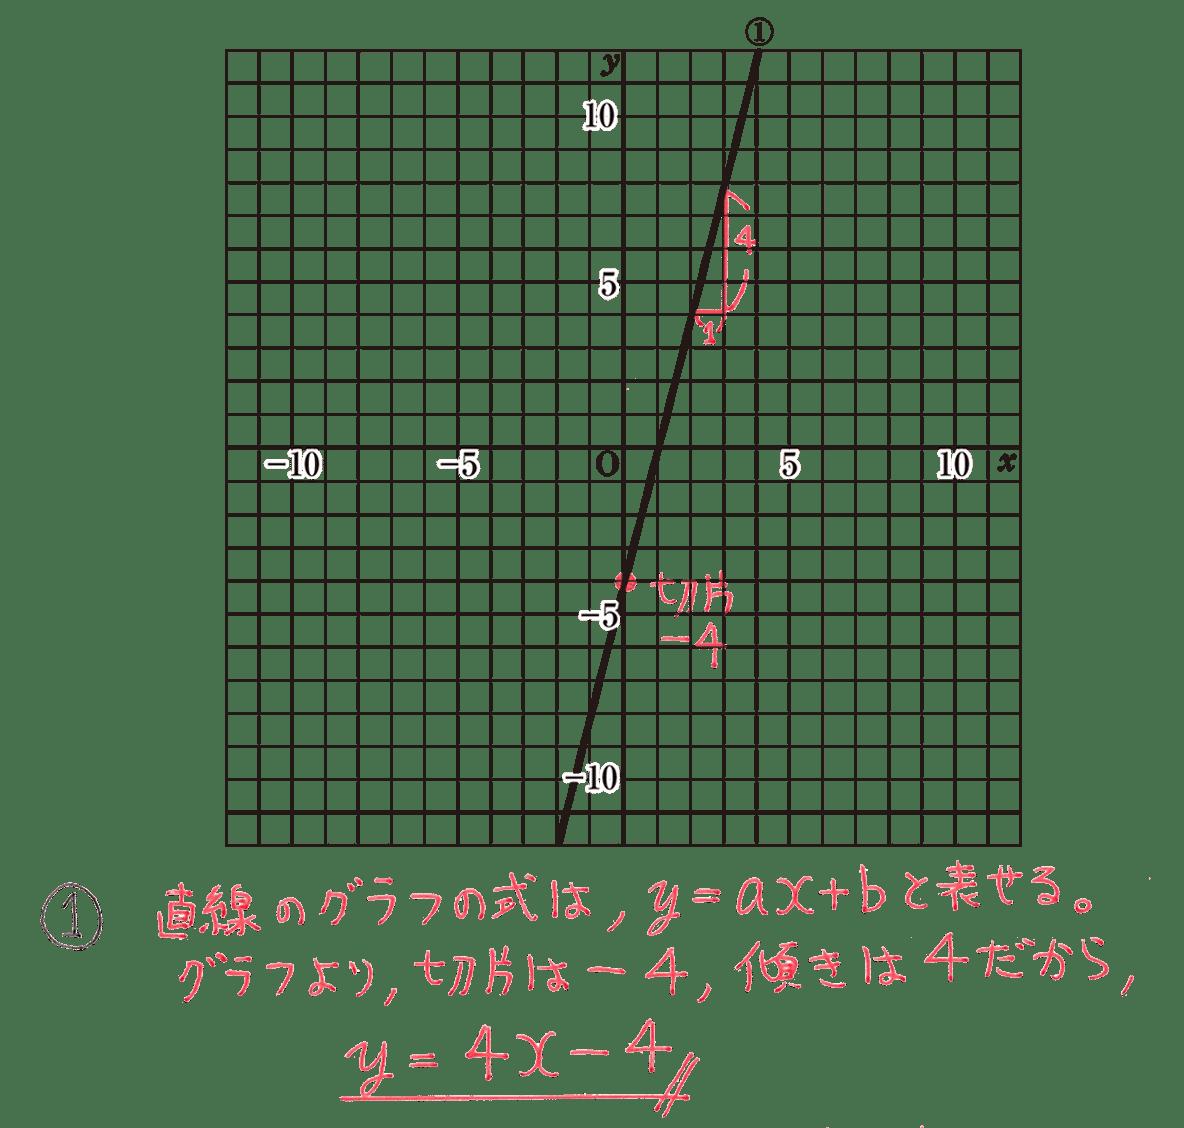 中2 数学112 練習①の答え